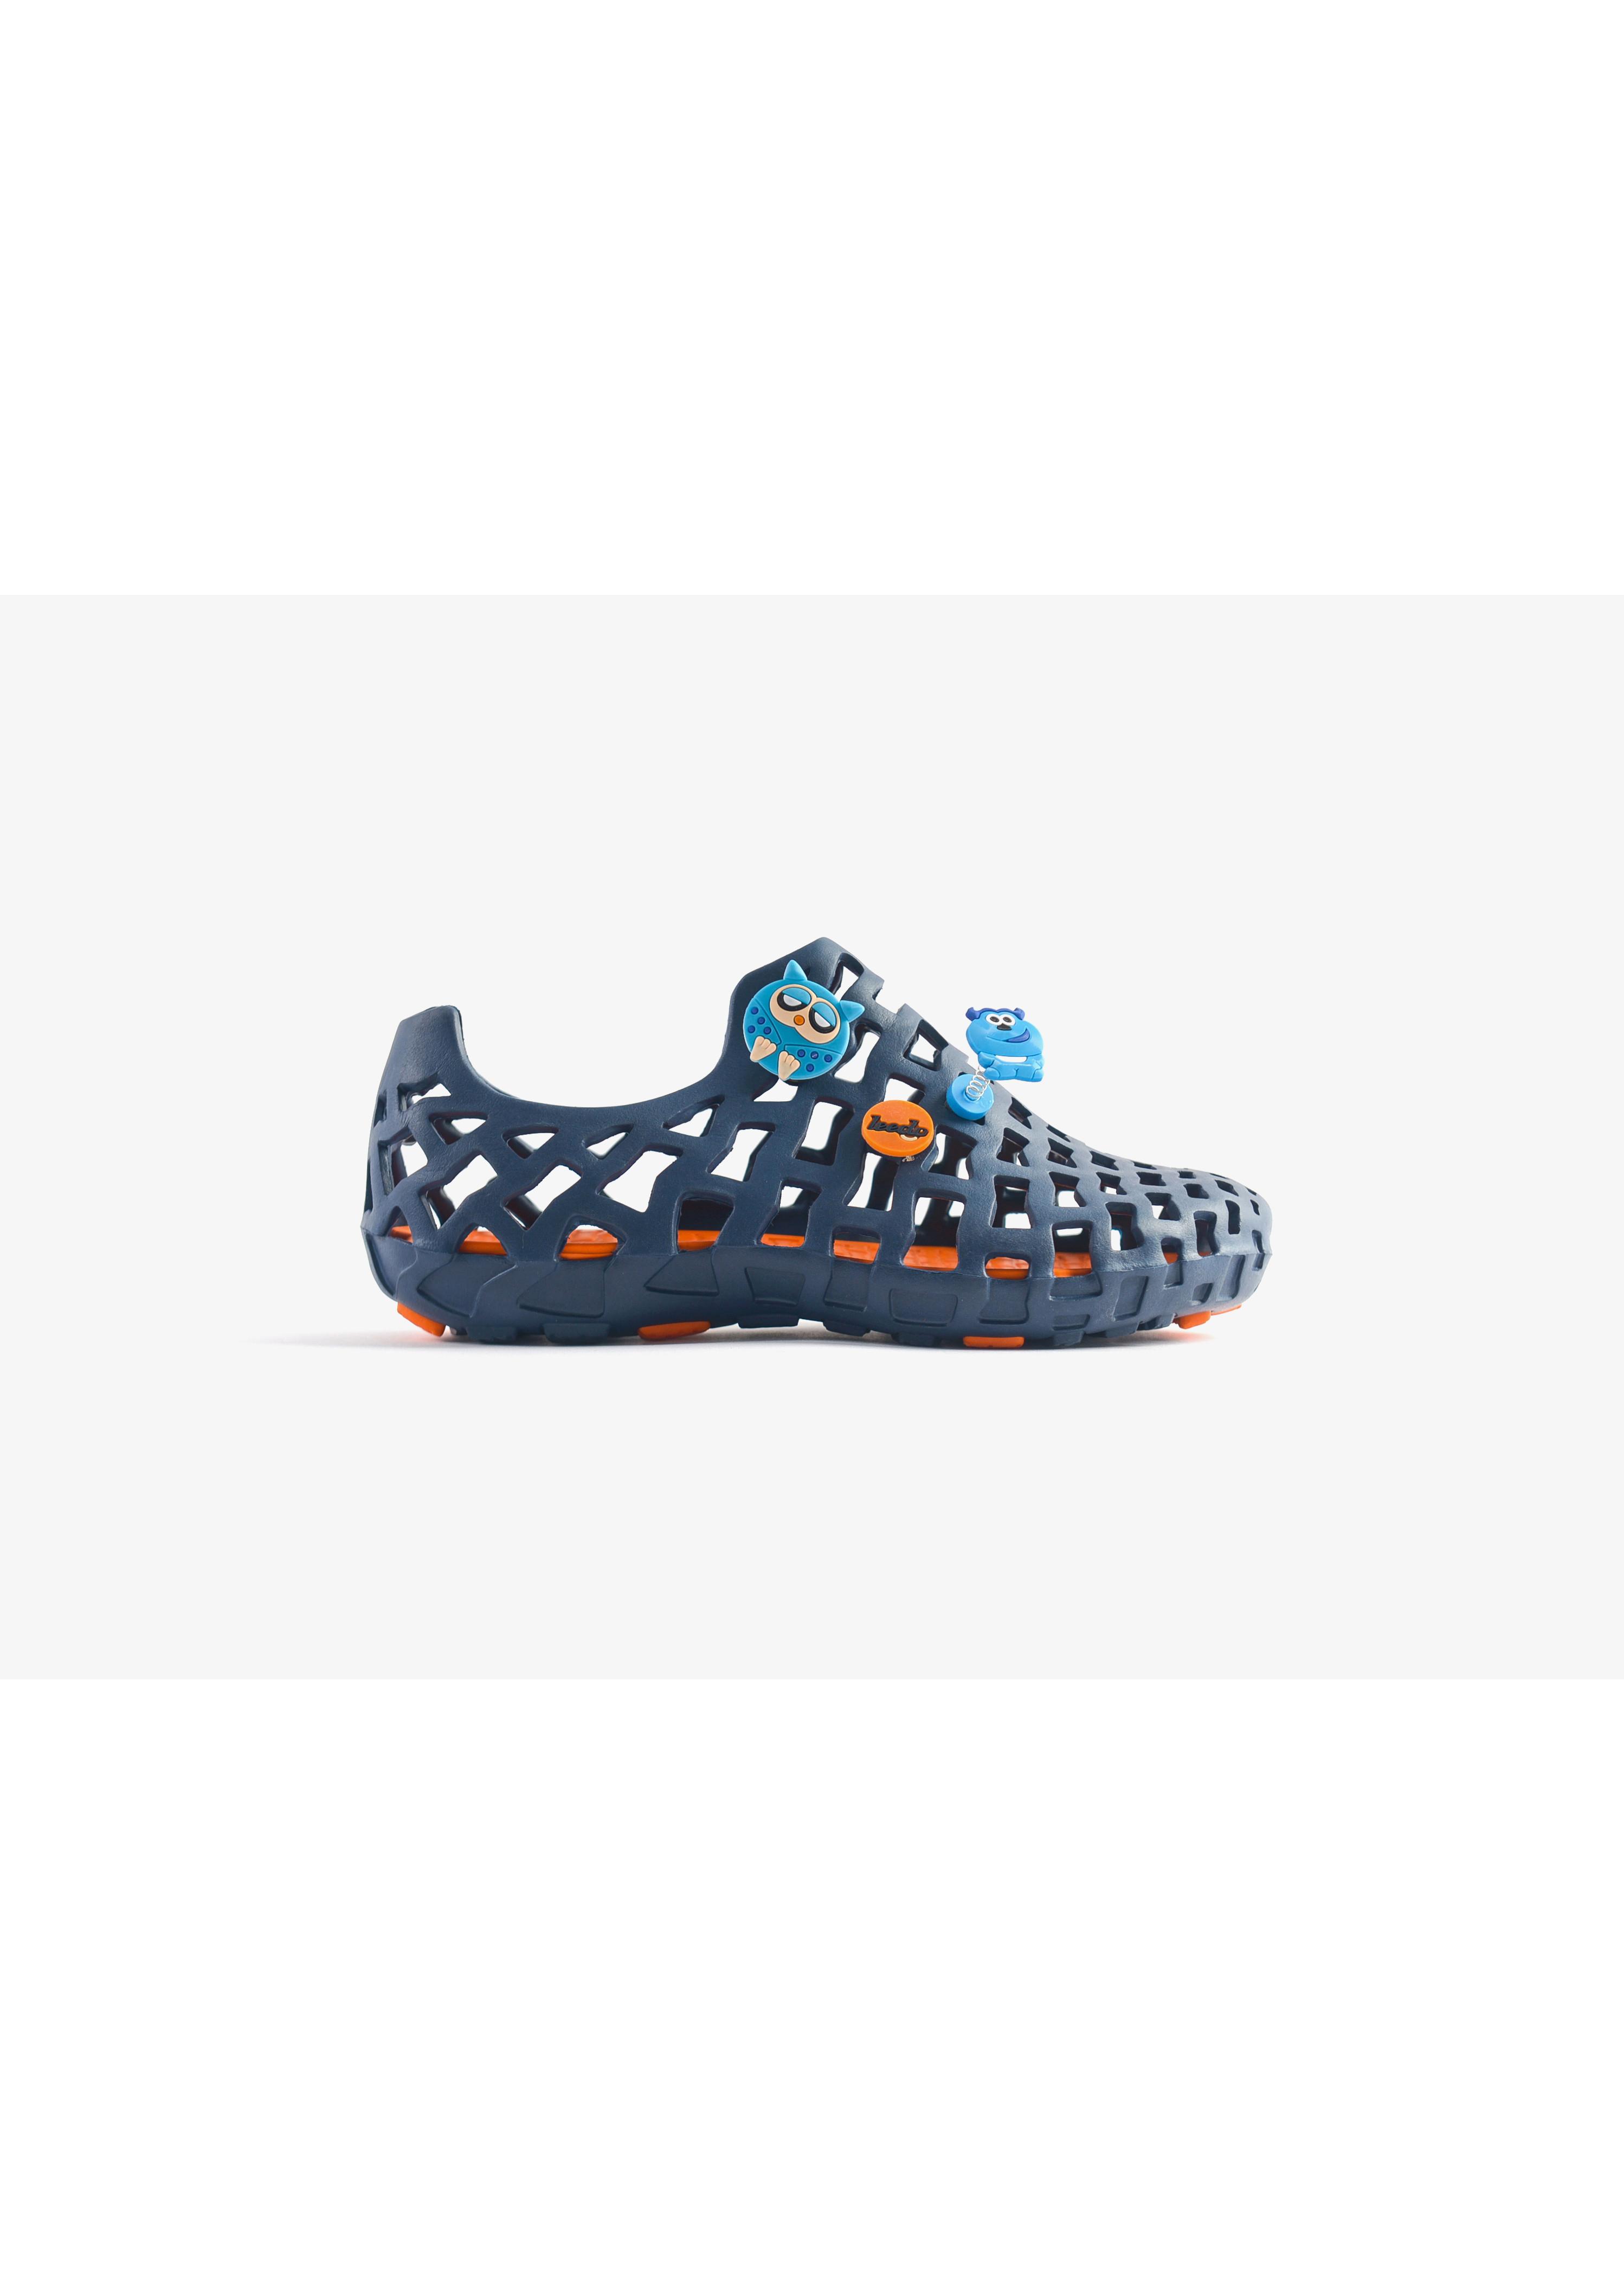 Giày nhựa đi mưa Nam LD 101 Pop Xanh dương cam